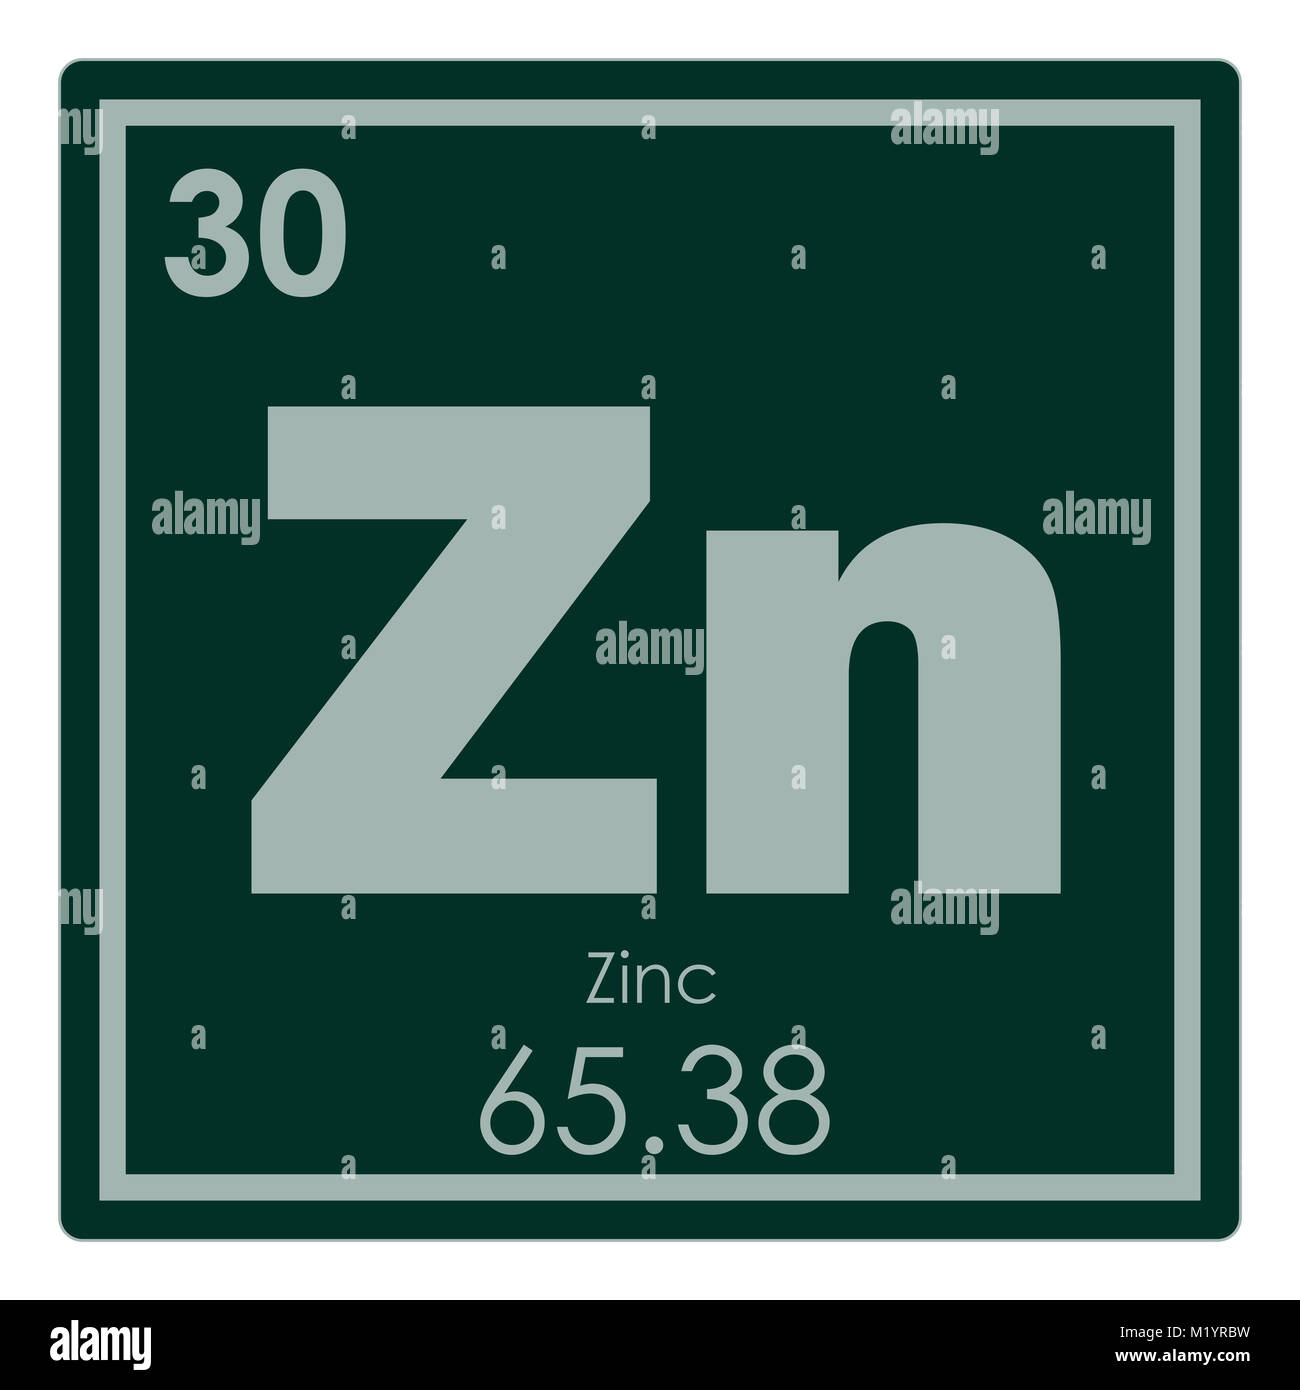 Tabla peridica de elementos qumicos de cinc smbolo de ciencia tabla peridica de elementos qumicos de cinc smbolo de ciencia urtaz Images